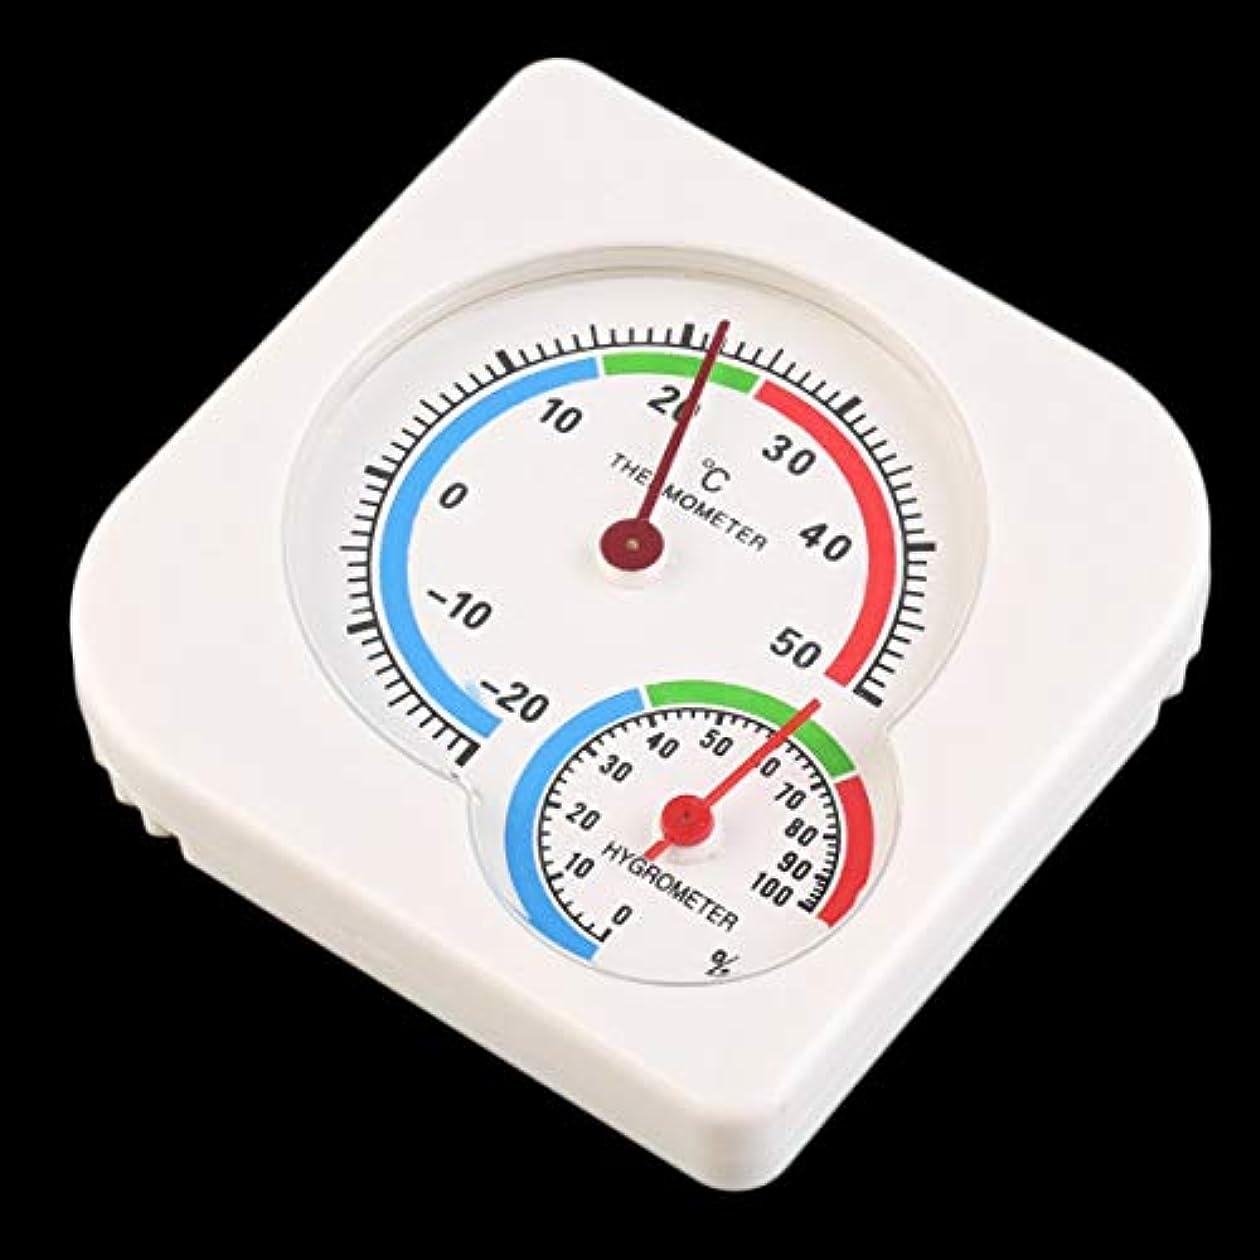 測定遅いすでにインターコアリー保育園ベビーハウスルームミニ温度計ウェット湿度計温度計